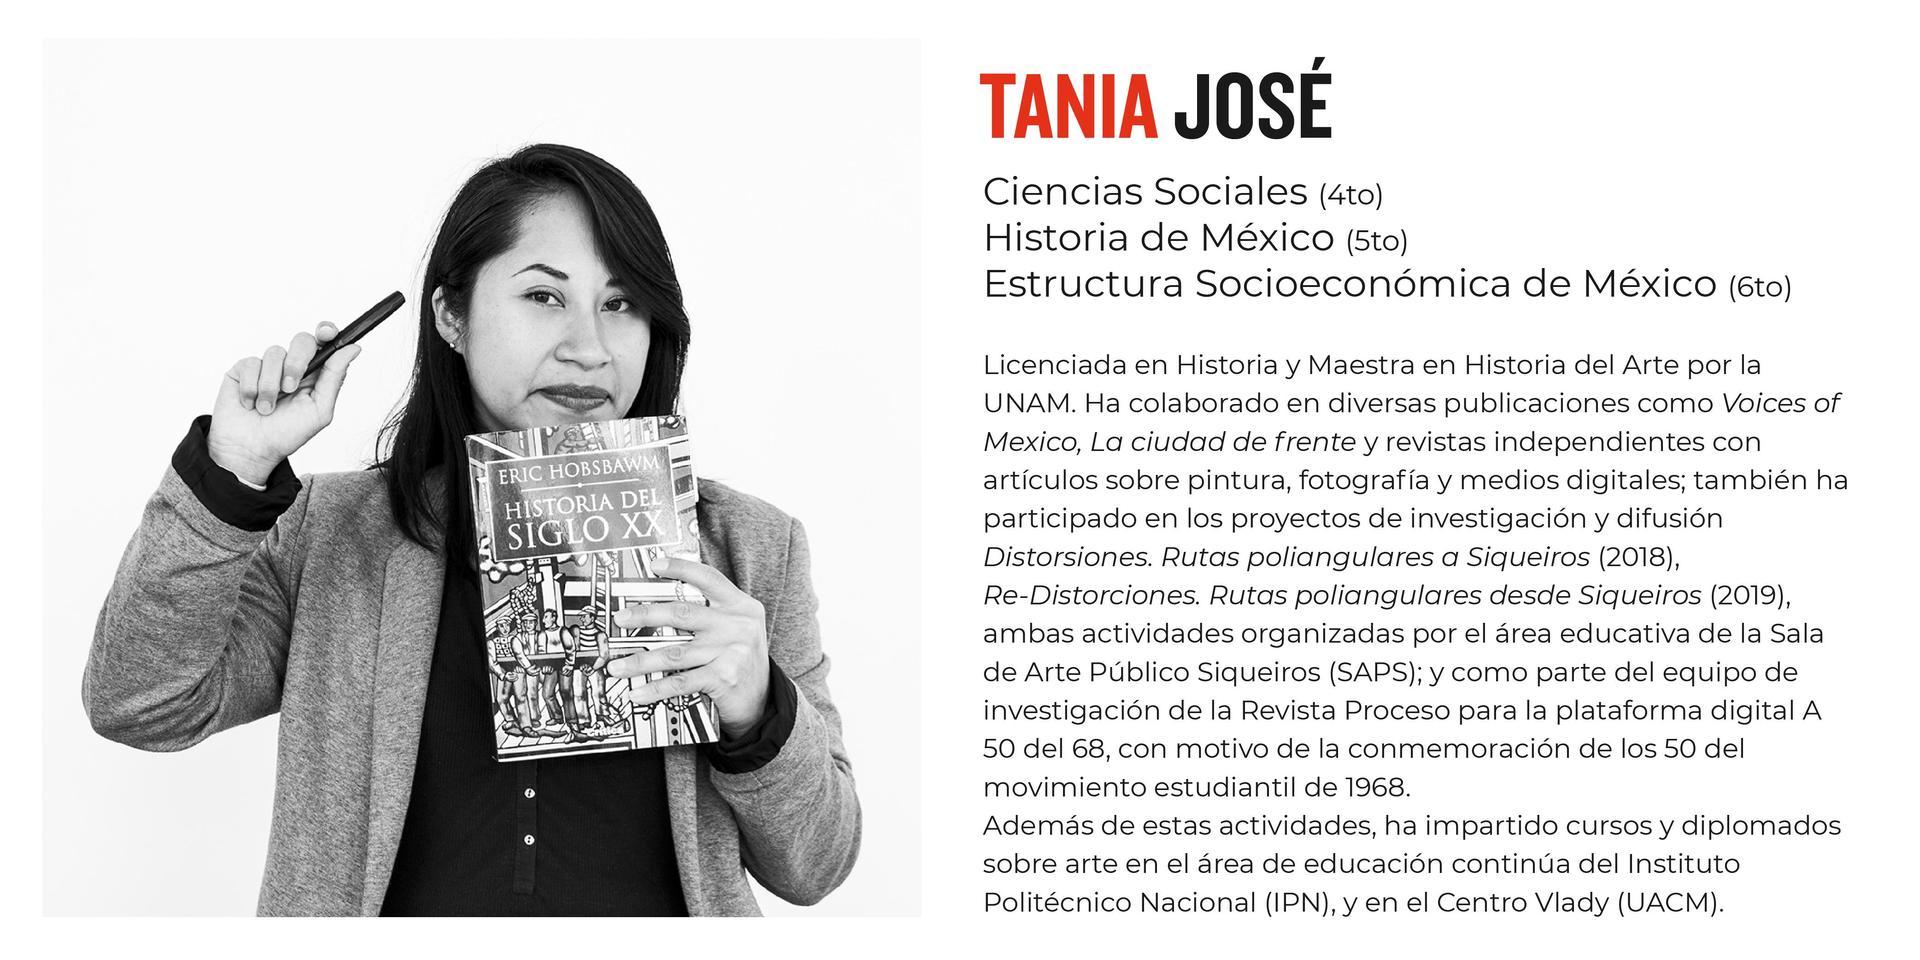 Tania José